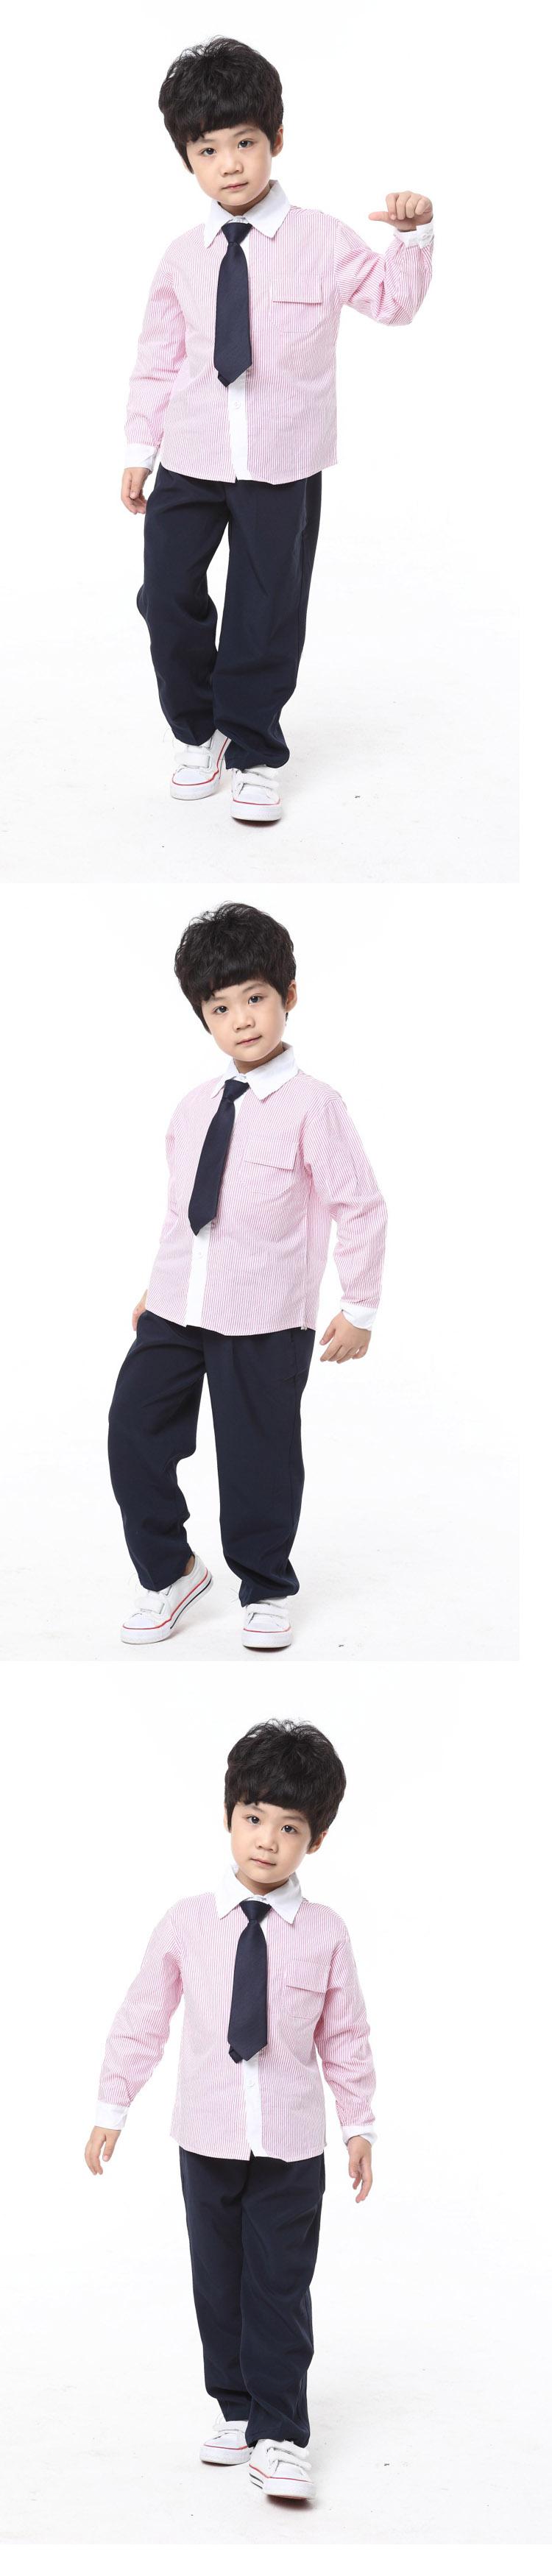 Mẫu đồng phục học sinh trường tiểu học Ngôi Sao Hà Nội